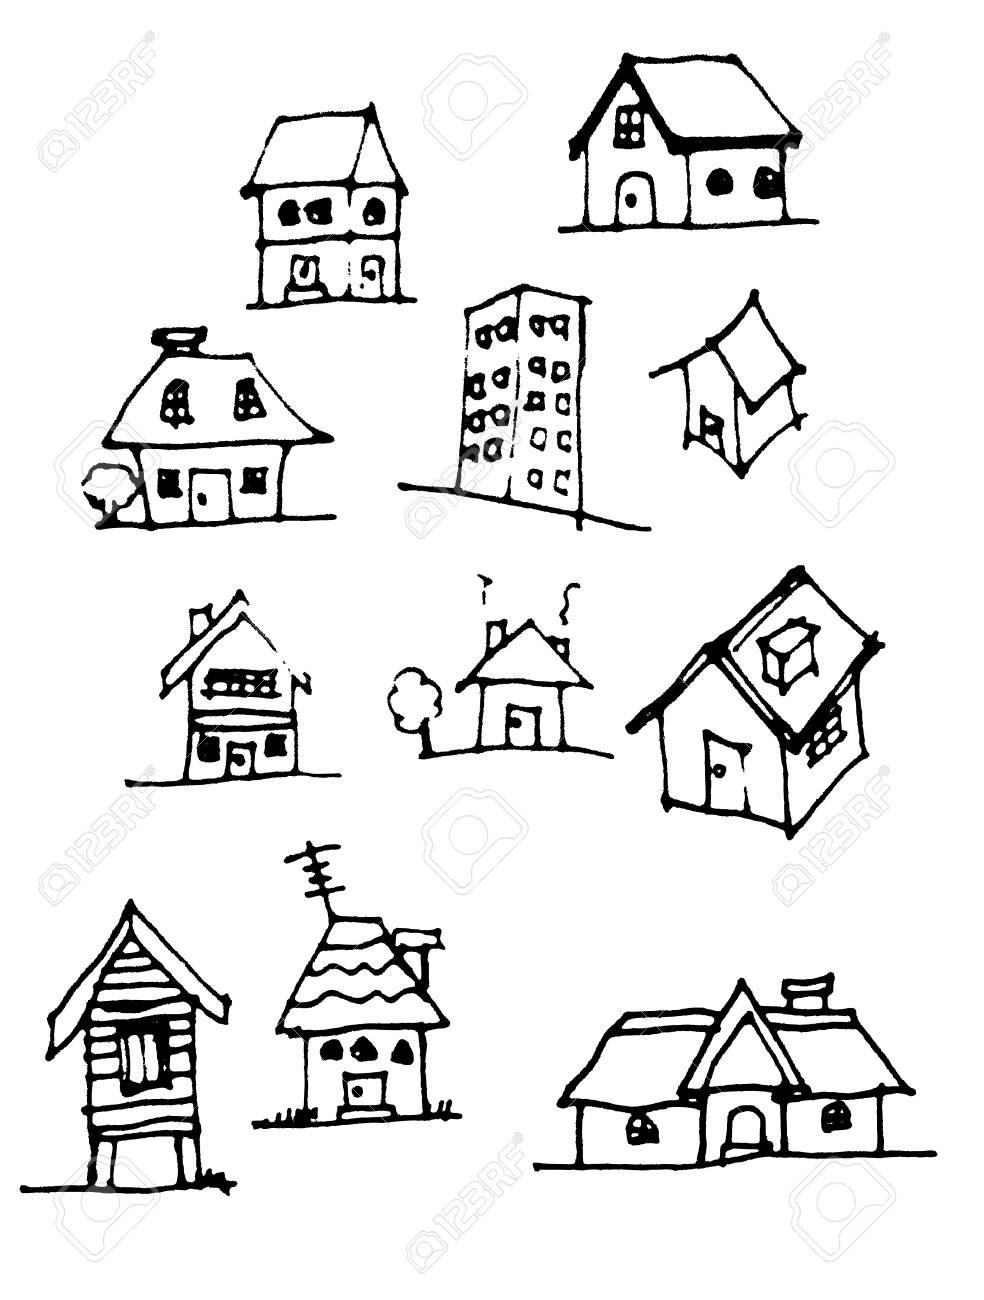 Susse Haus Zeichnen Vektor Zeile Lizenzfrei Nutzbare Vektorgrafiken